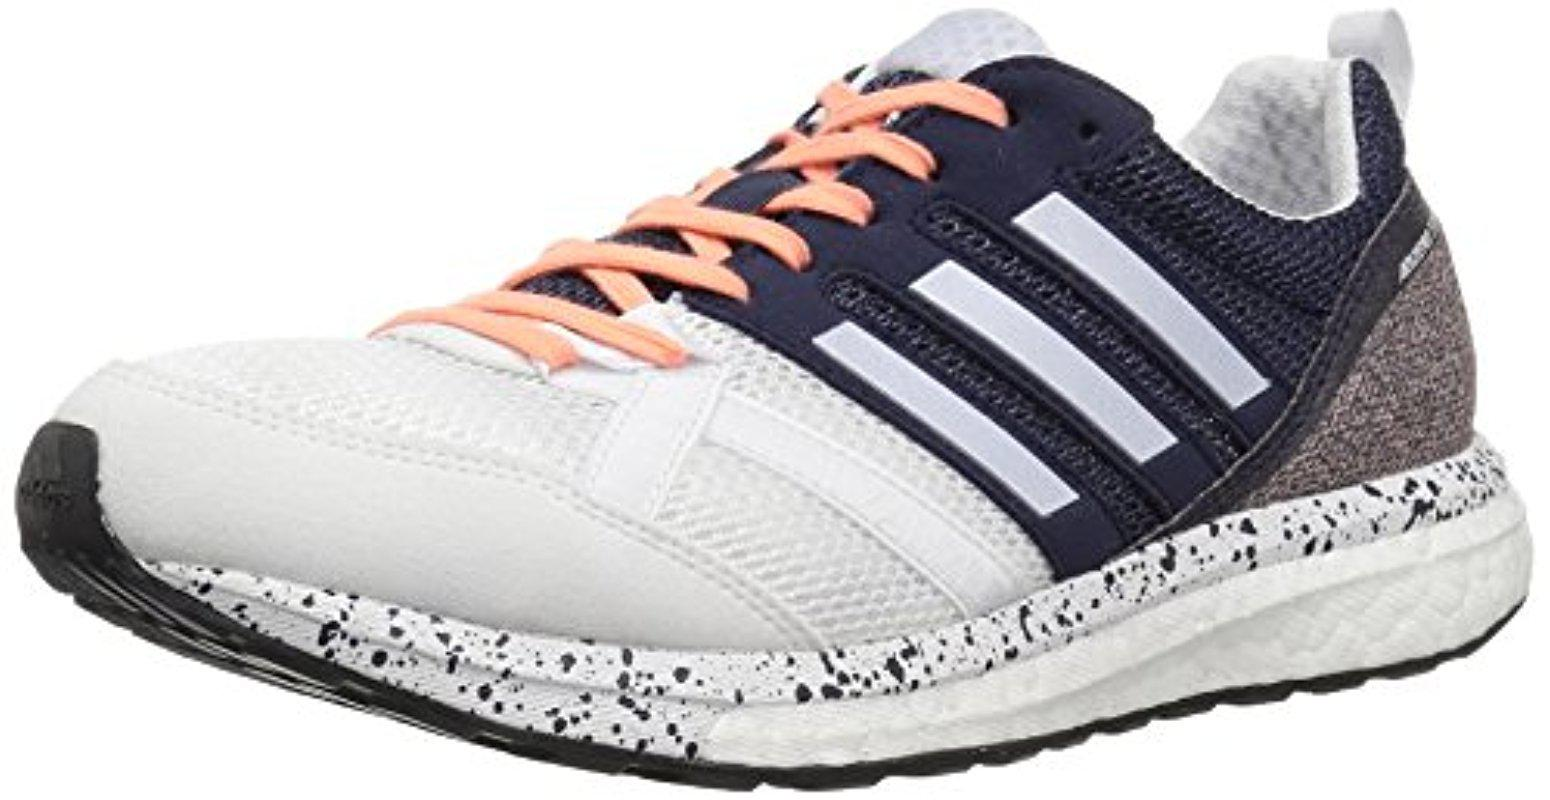 newest 6303f e93a4 Lyst - Adidas Adizero Tempo 9 Shoe Running for Men